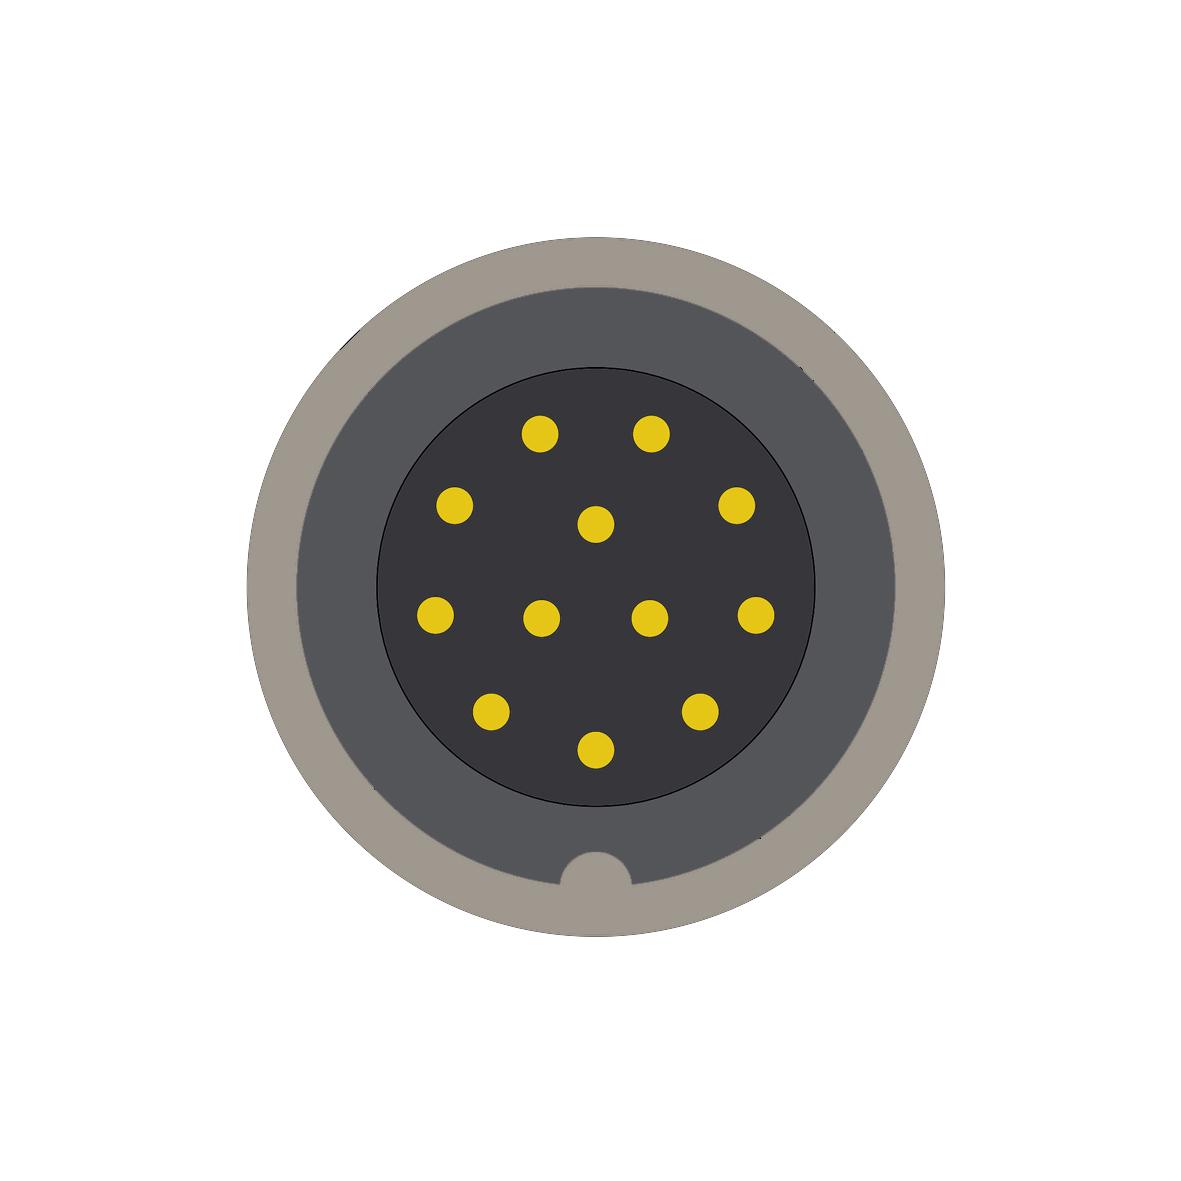 212AF (0) 12 way connector